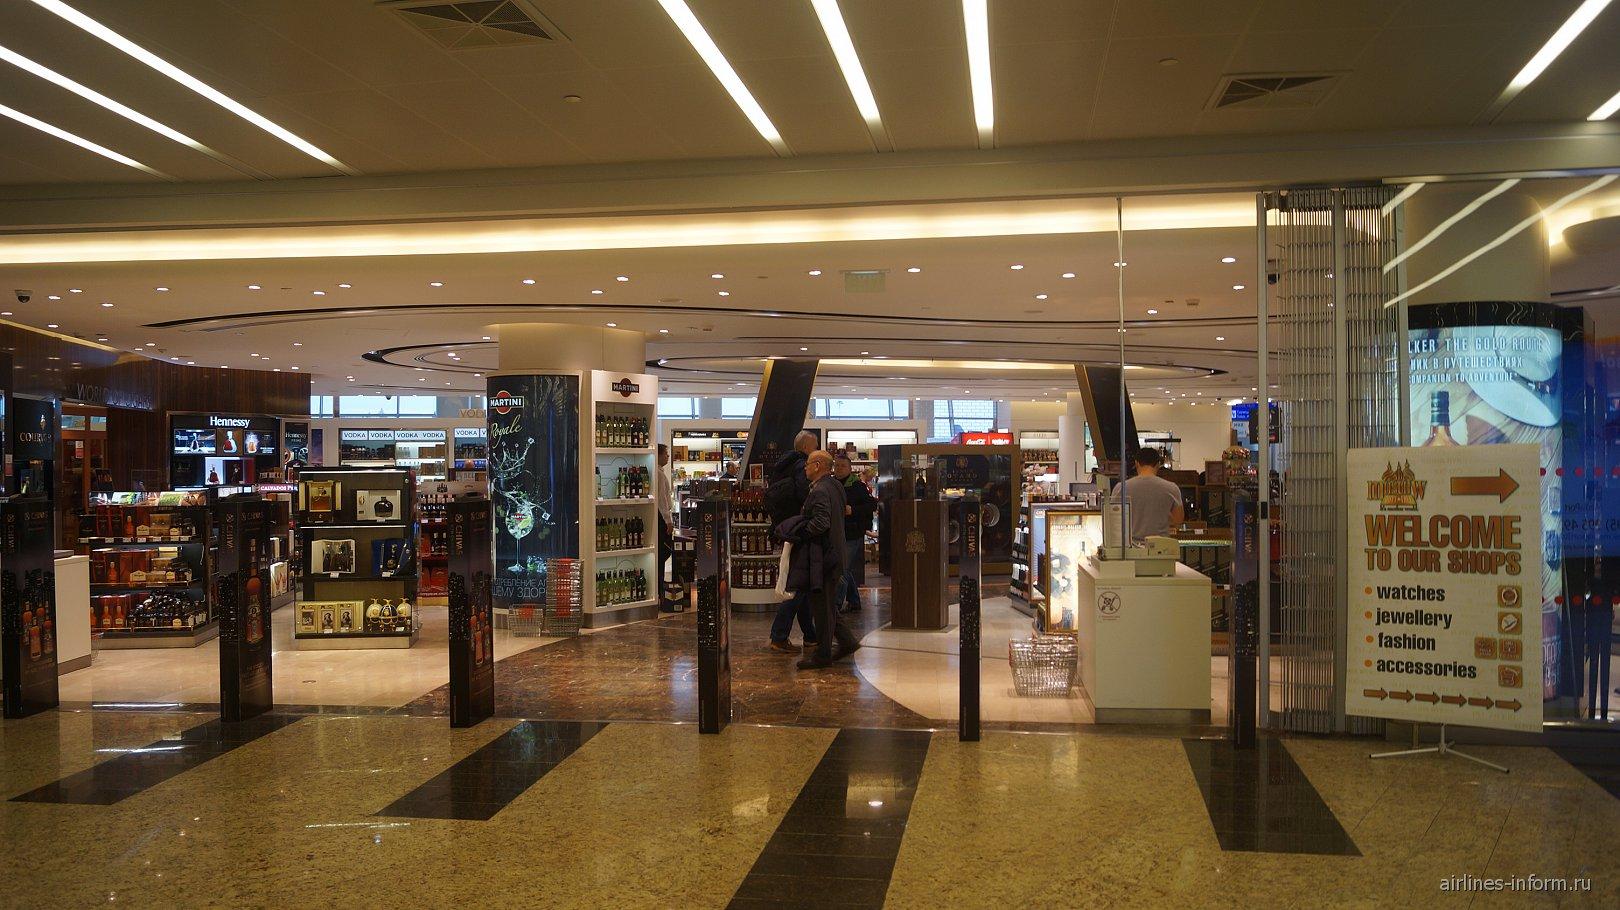 Магазин дьюти-фри в терминале D аэропорта Шереметьево